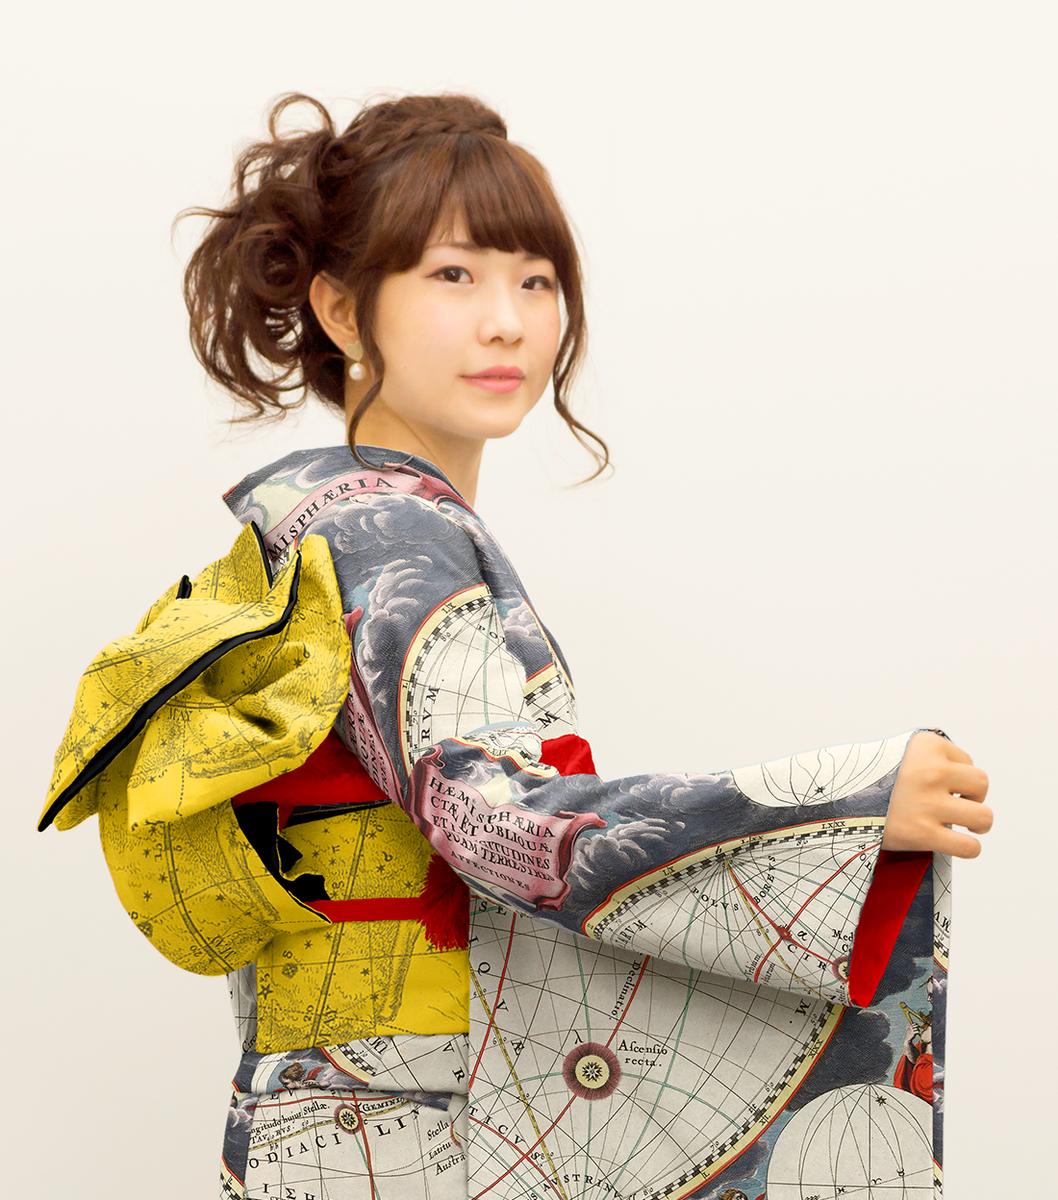 振袖のマッピングモデル作ってて試しにデスクトップにあった星座の柄を貼り付けてみたんだけど、こ、これはもしかしてアリかもしれない。 理系のお嬢様、どうでしょうか? #kimono http://t.co/fRoKV6lYg4